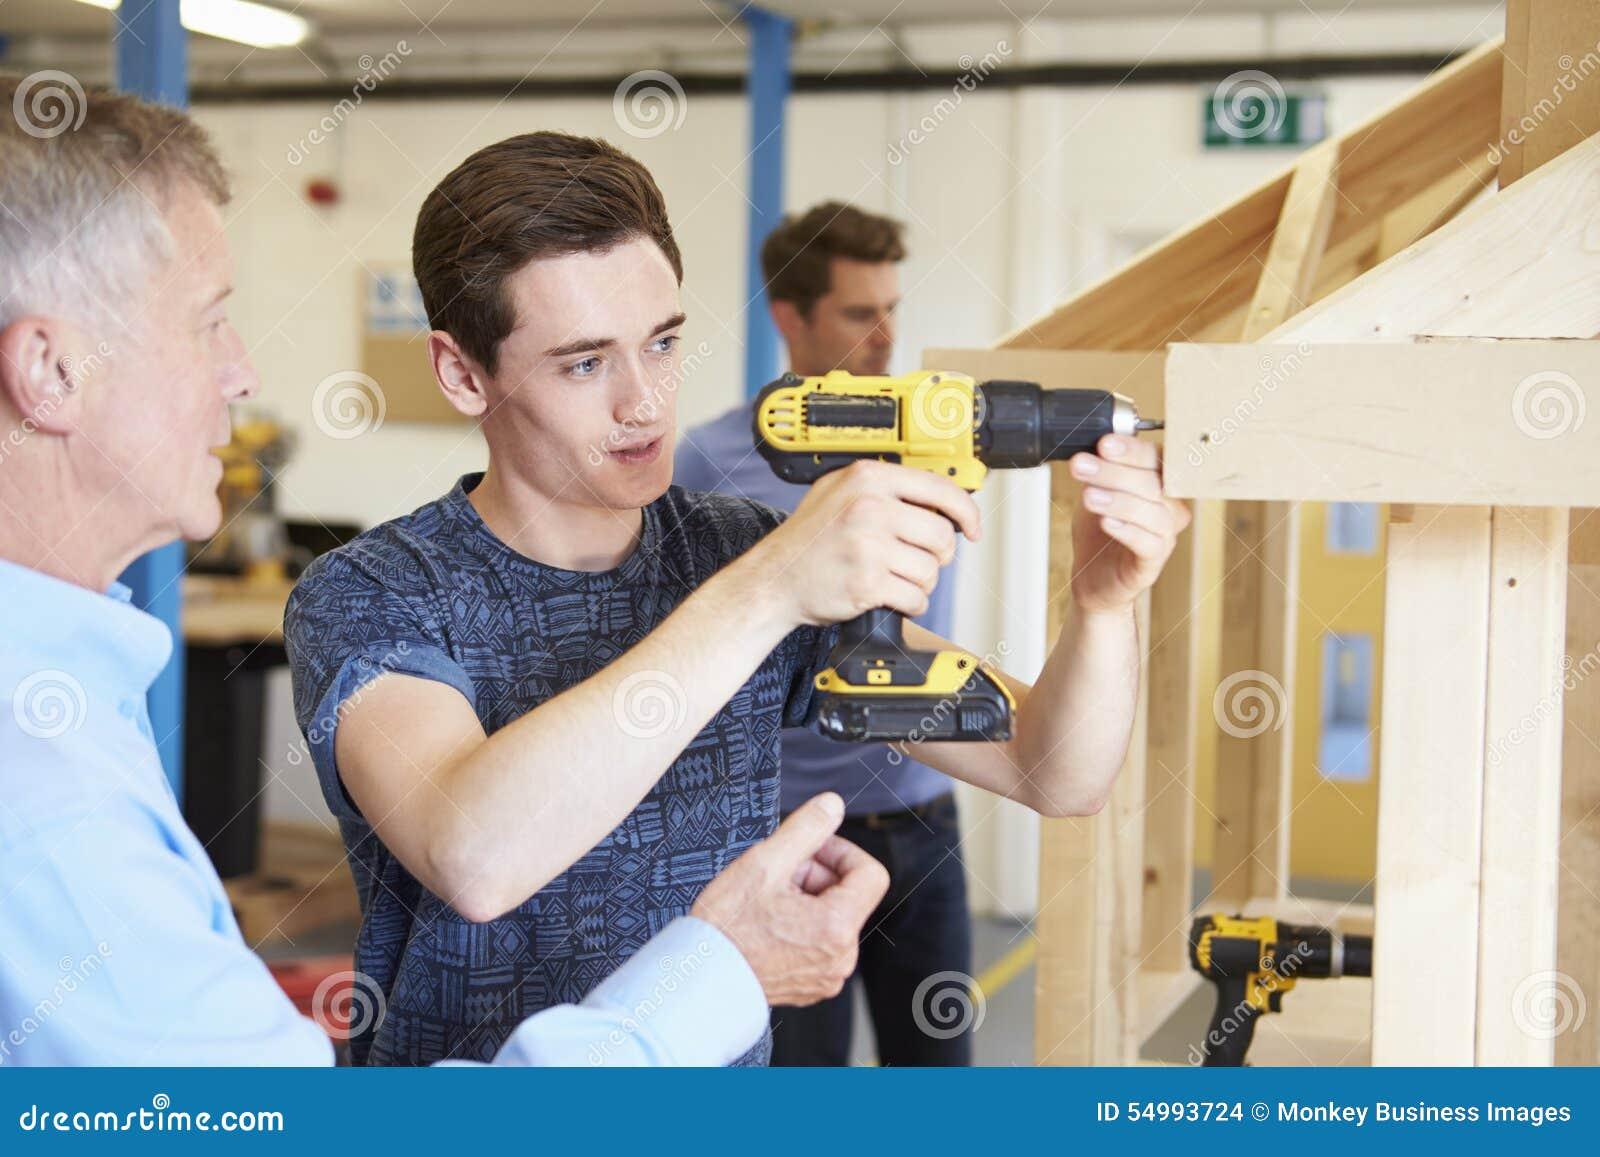 how to become a carpentry teacher